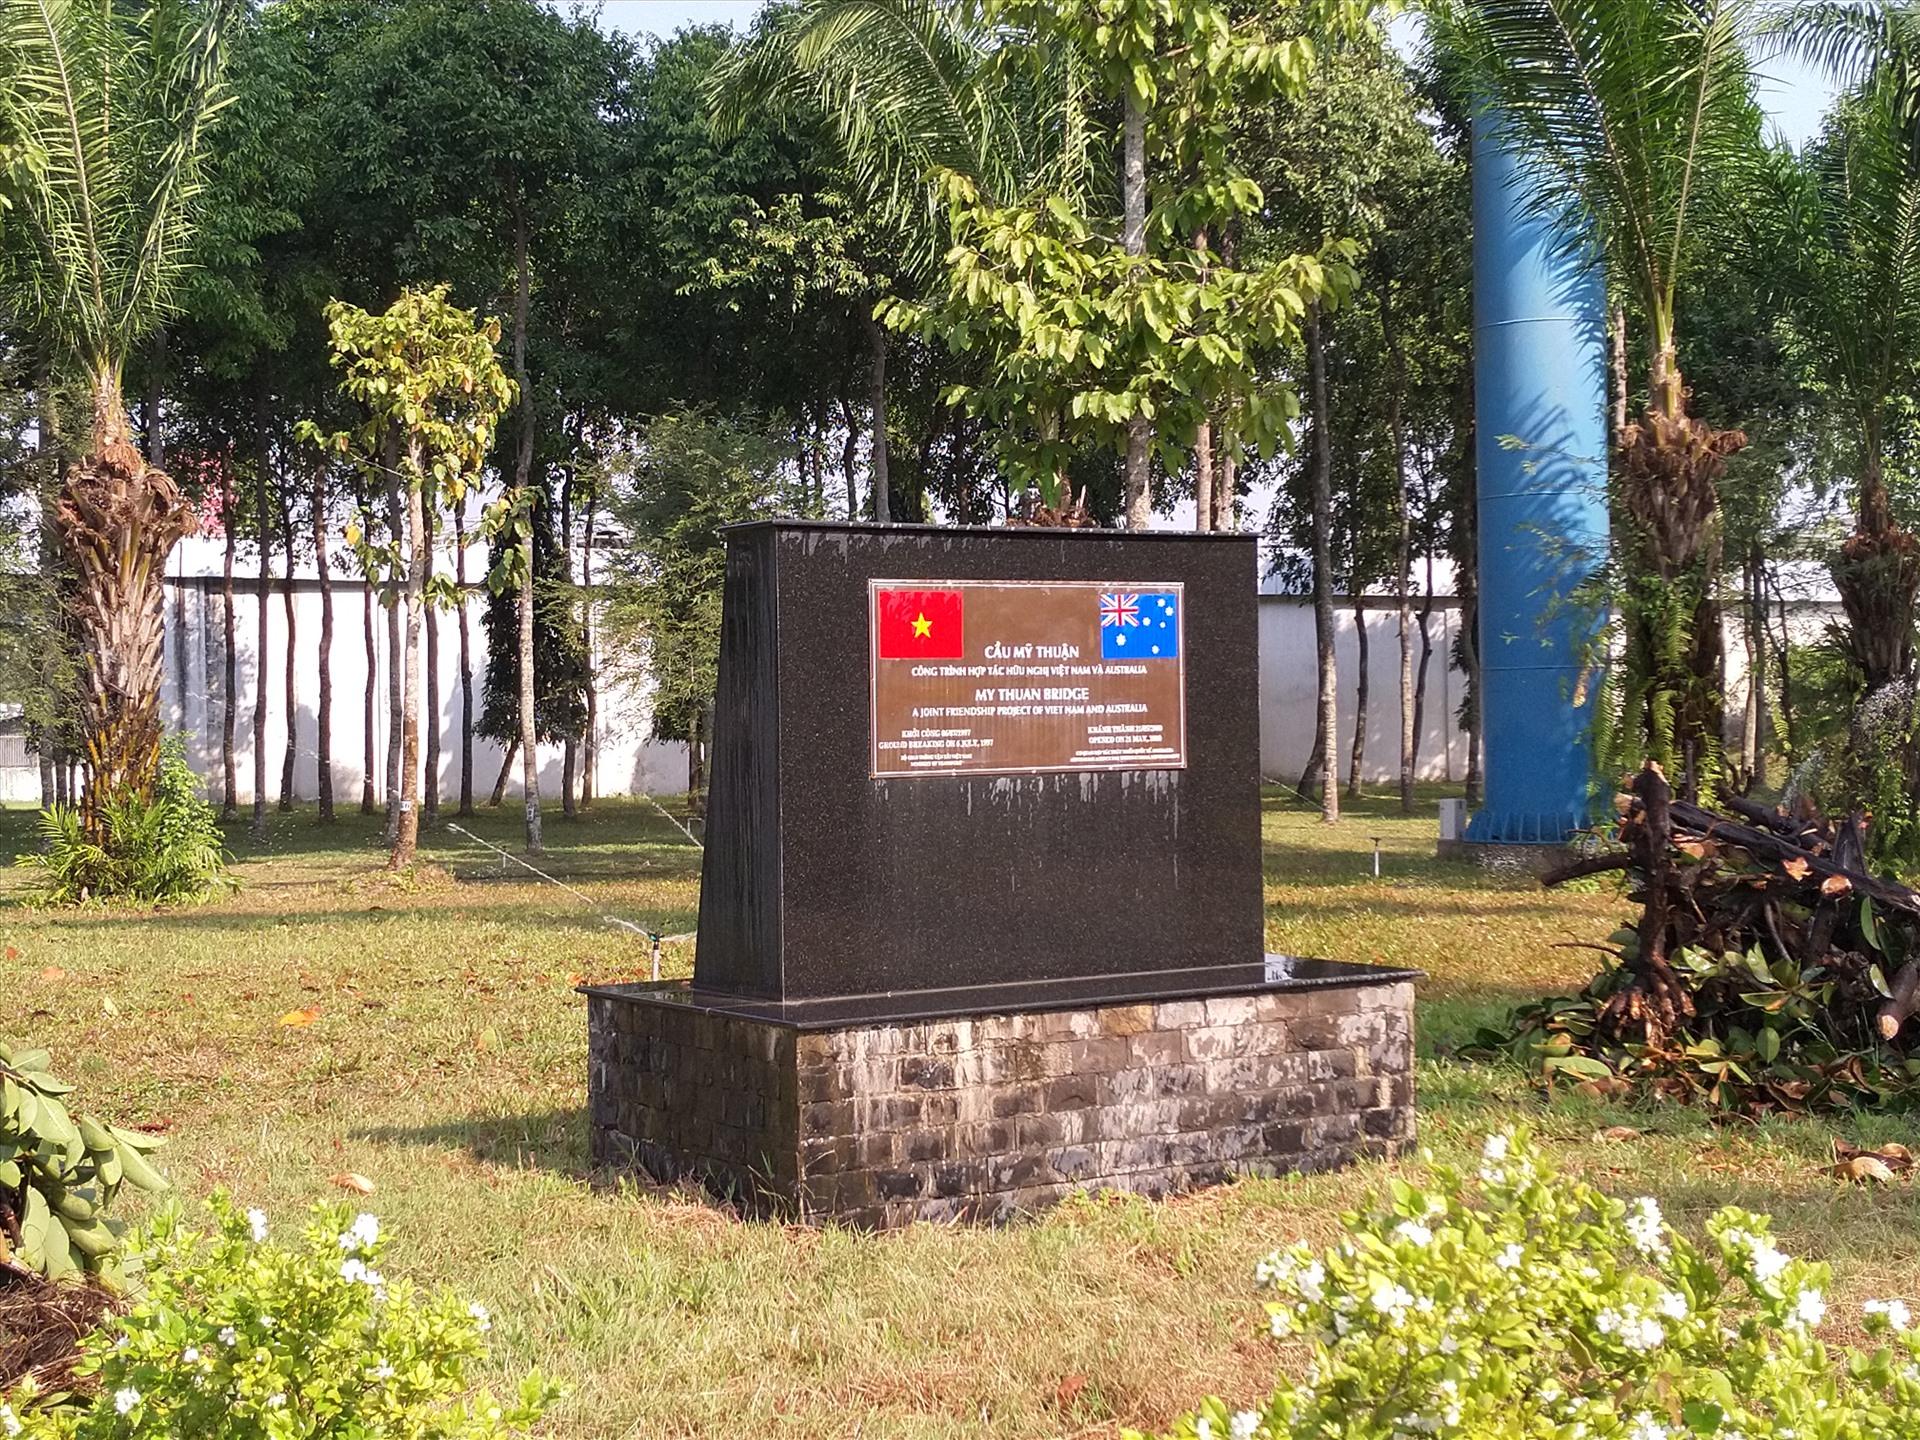 Biểu tượng tình hữu nghị Việt Nam - Australia trong khuôn viên dưới chân cầu. Ảnh: K.Q